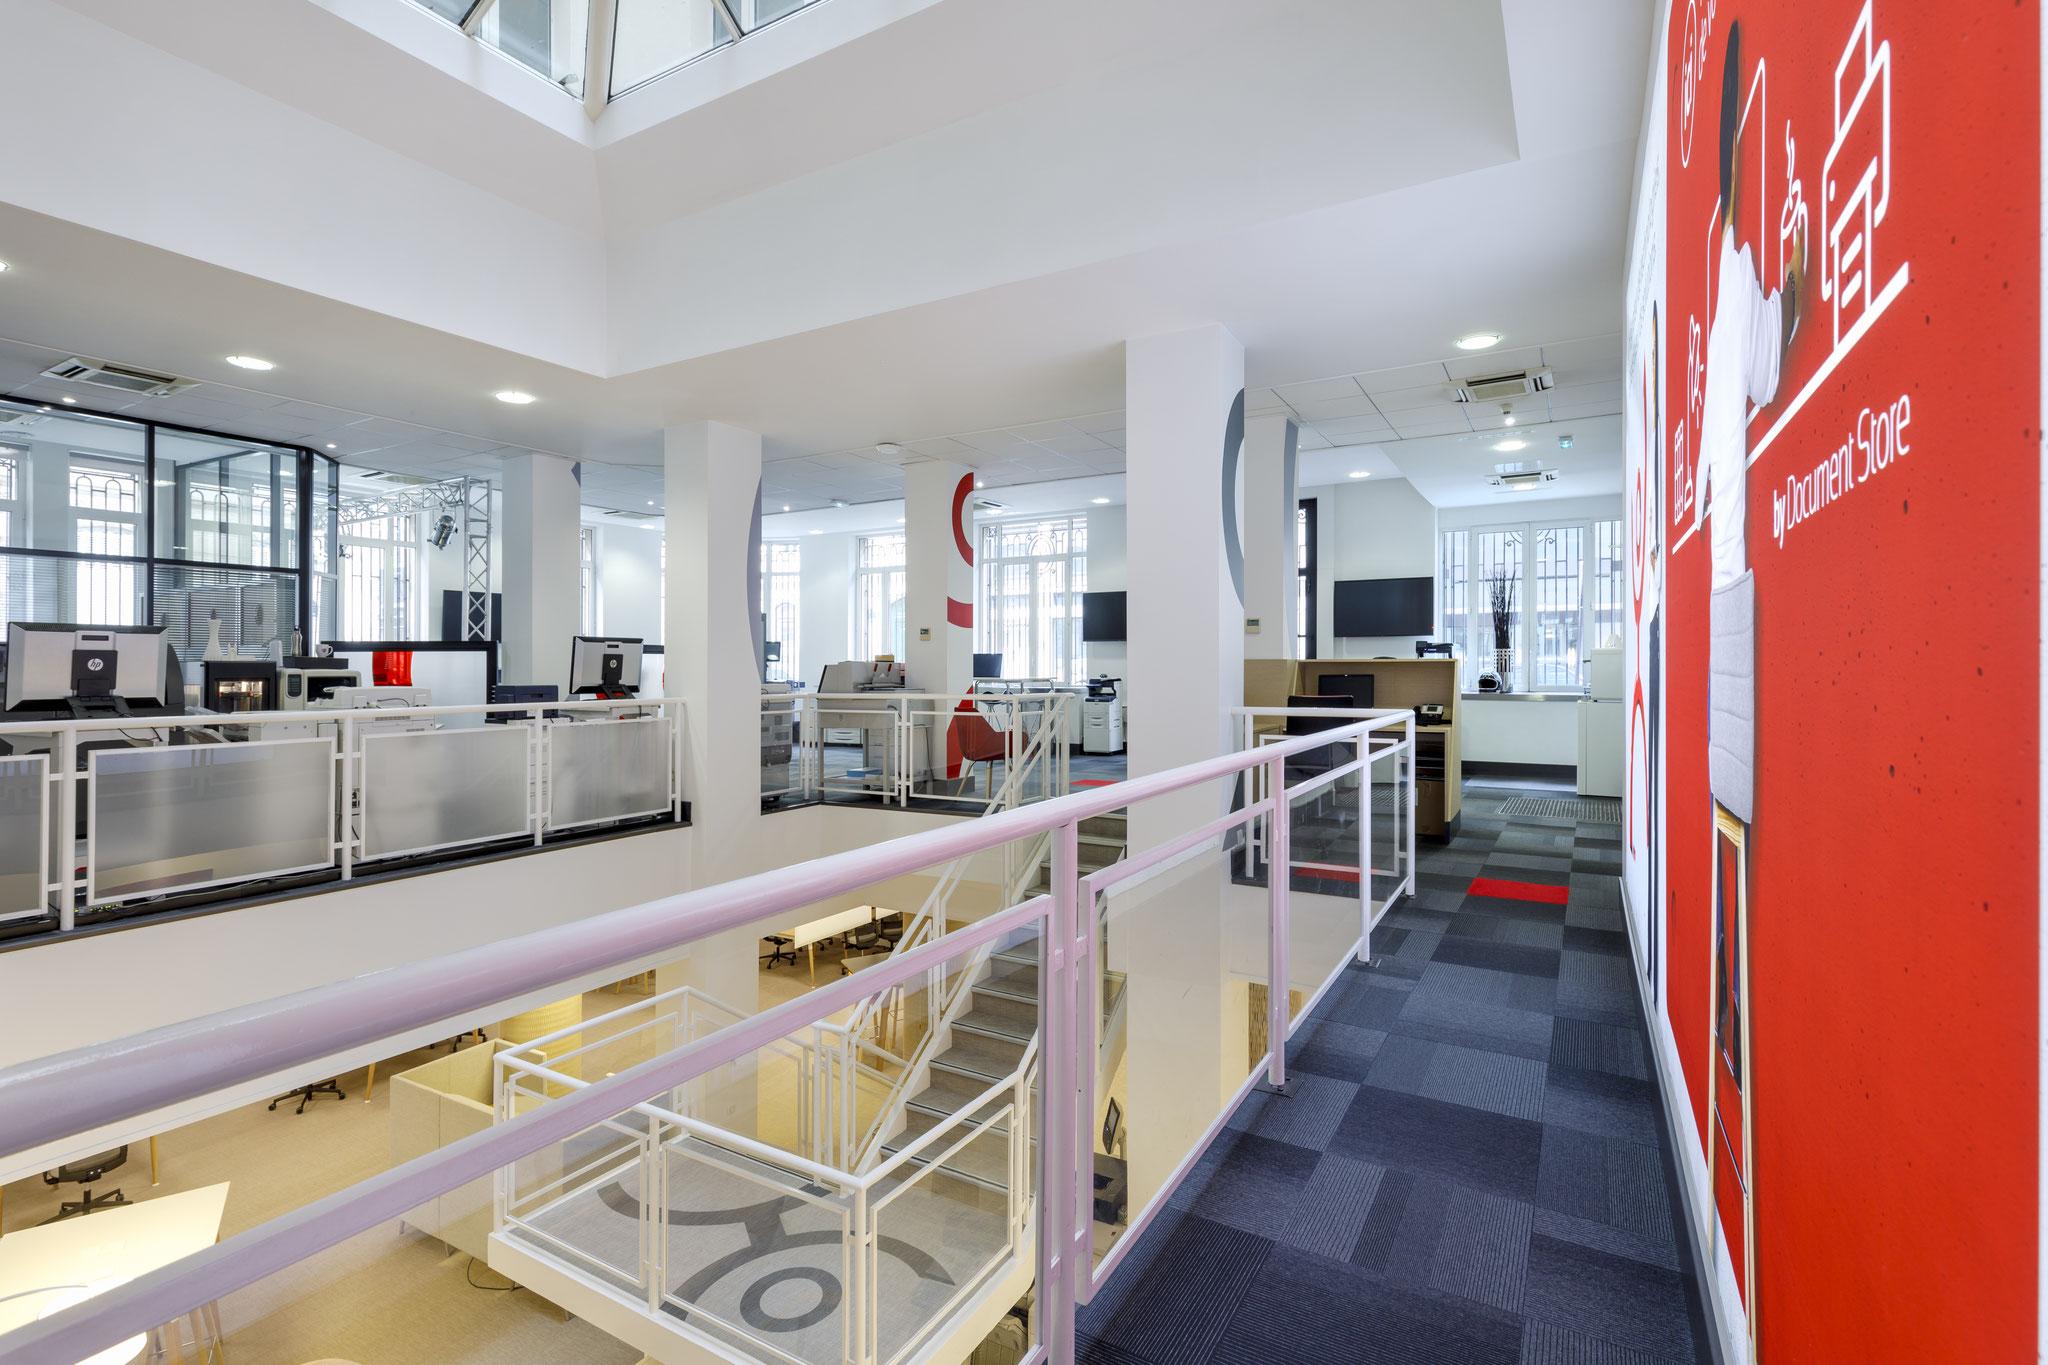 un espace très ouvert avec deux plateaux de travail en co-working